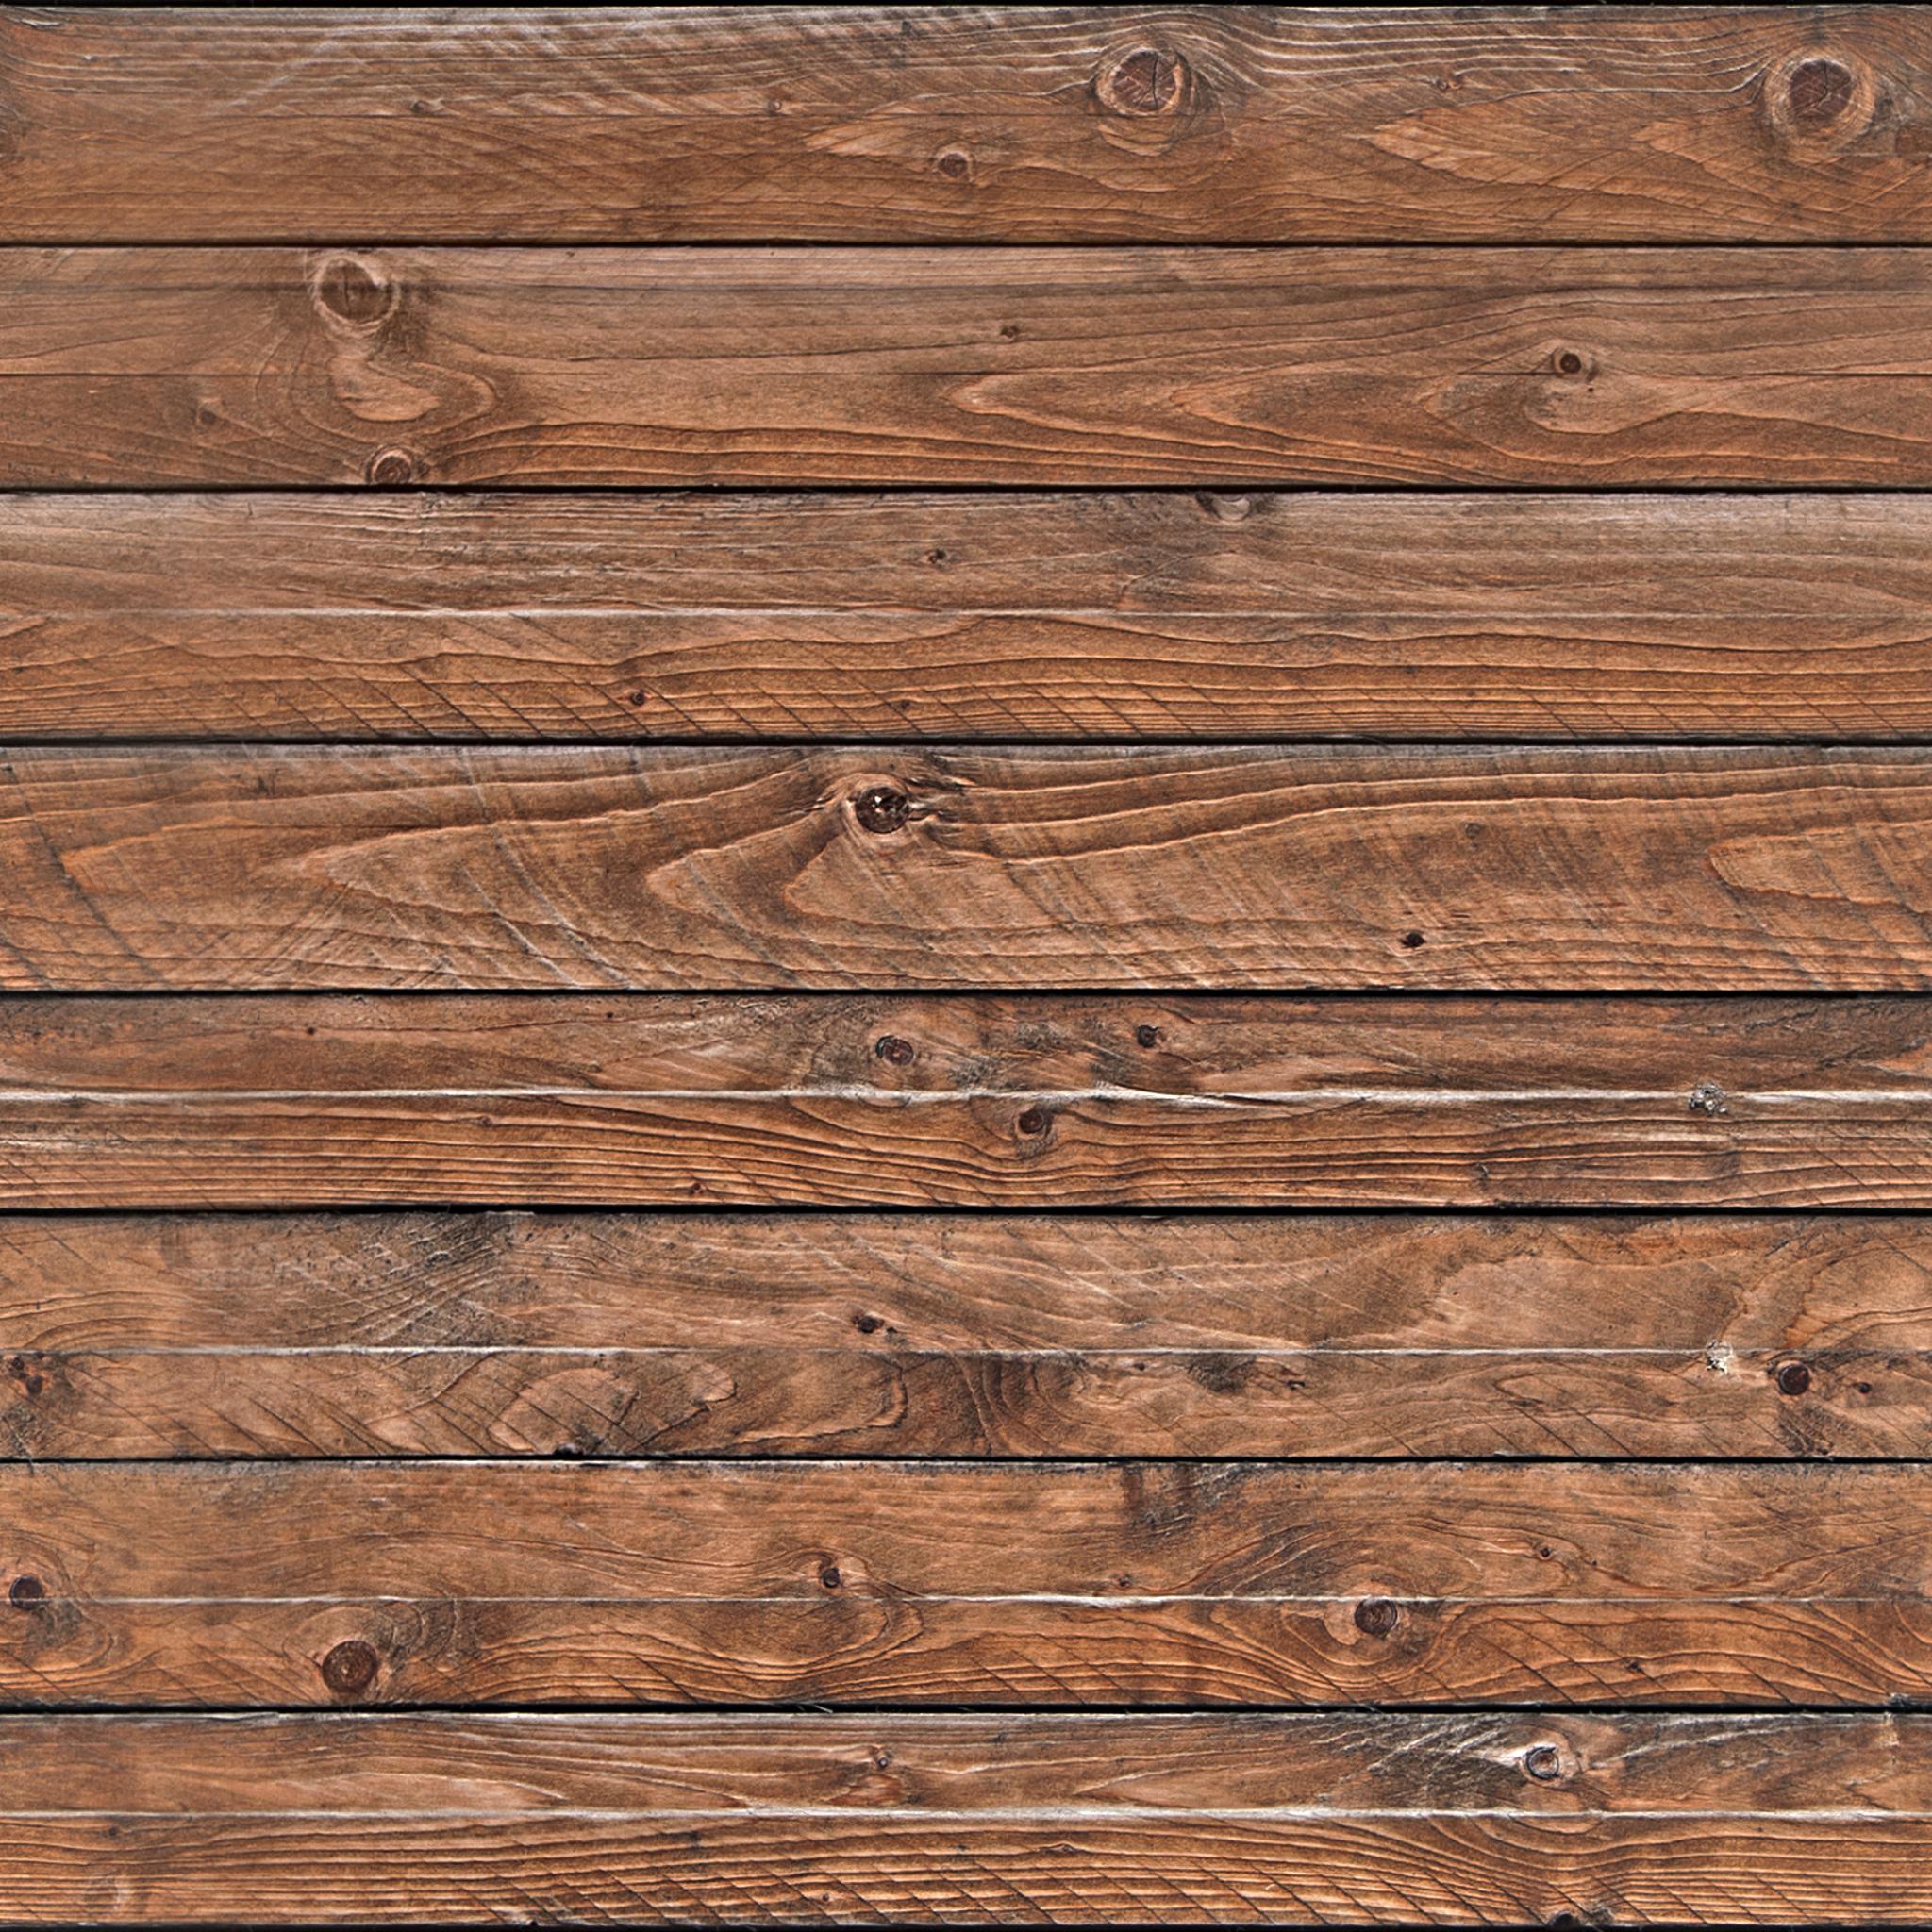 NORISUM - TUTS :: 나무재질 패턴